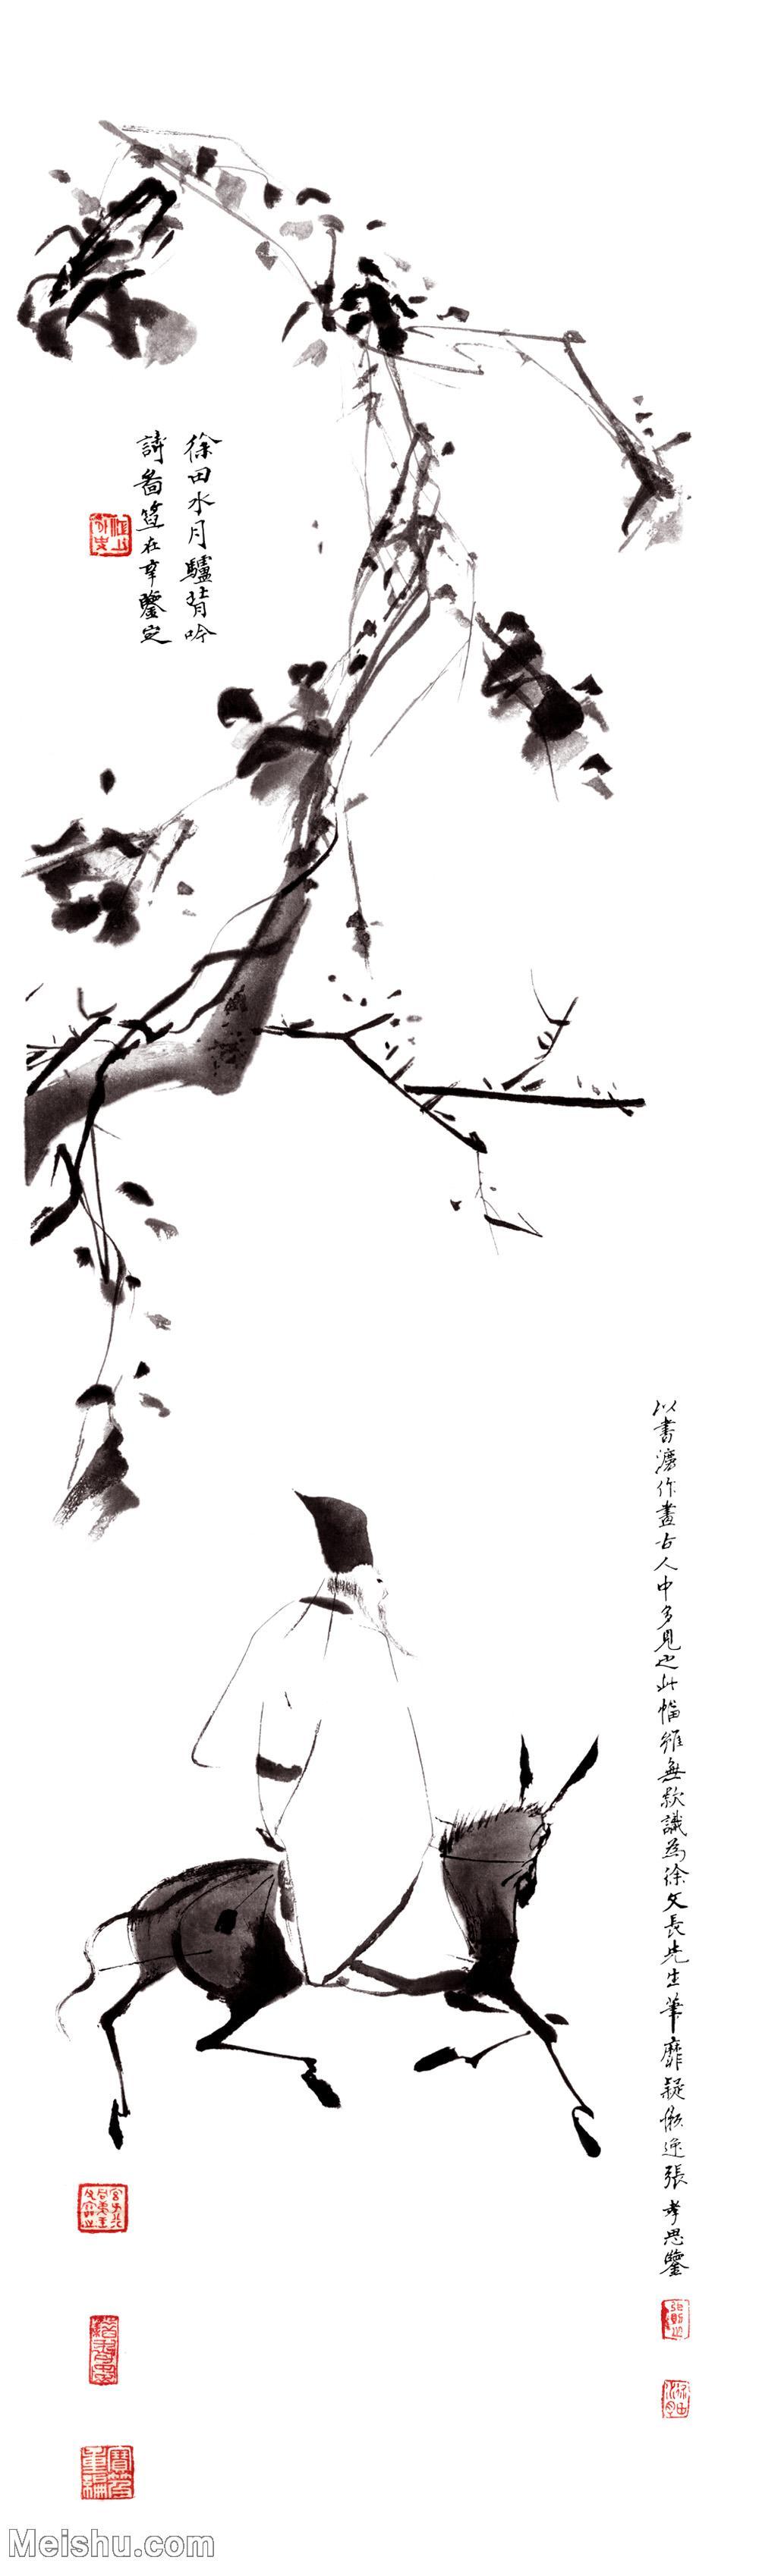 【超顶级】GH6085520古画树木植物-徐渭《驴背吟诗》立轴图片-439M-6133X20827.jpg